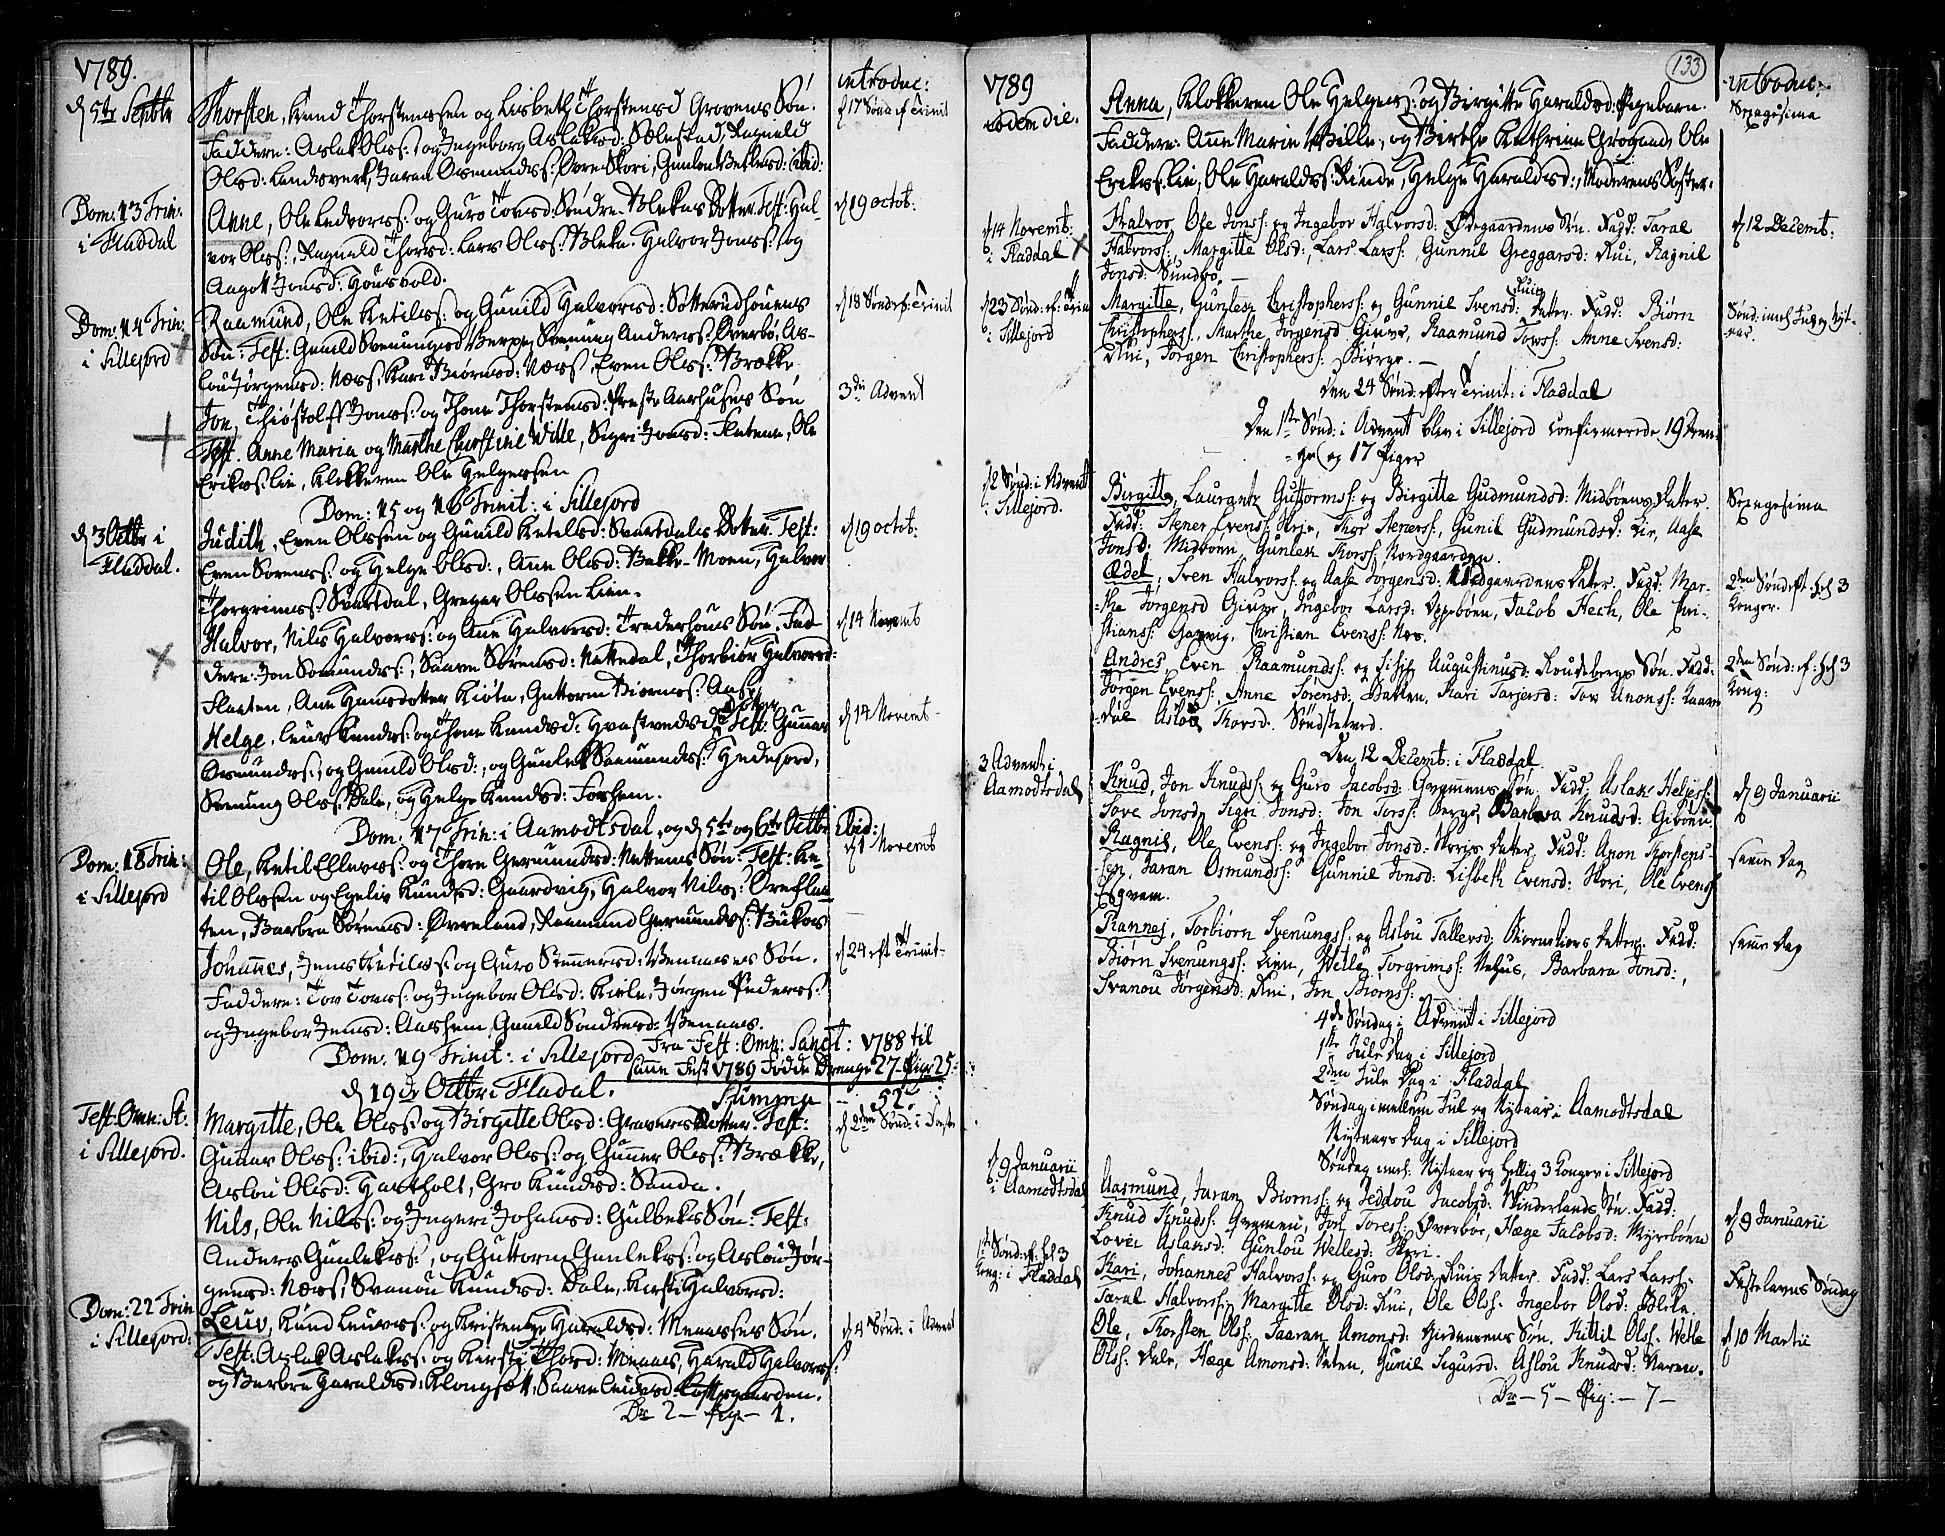 SAKO, Seljord kirkebøker, F/Fa/L0007: Ministerialbok nr. I 7, 1755-1800, s. 133